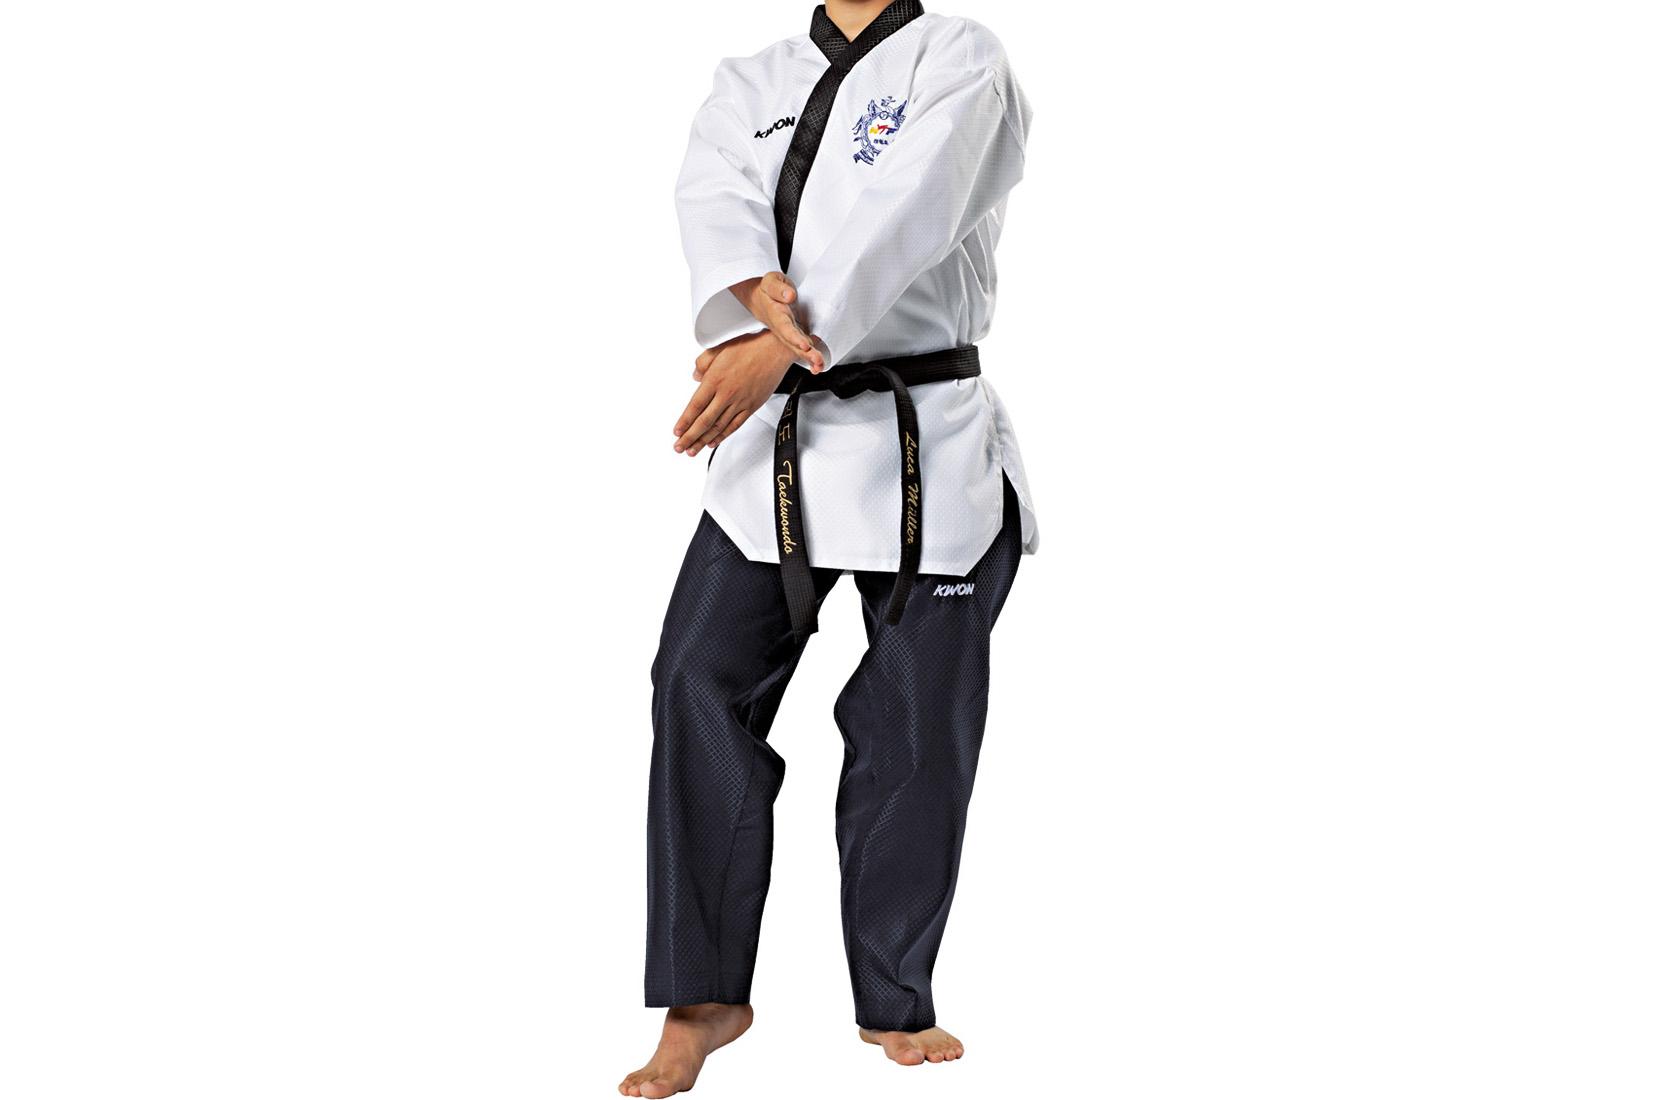 Kimono Poomsae - Hommes, KWON